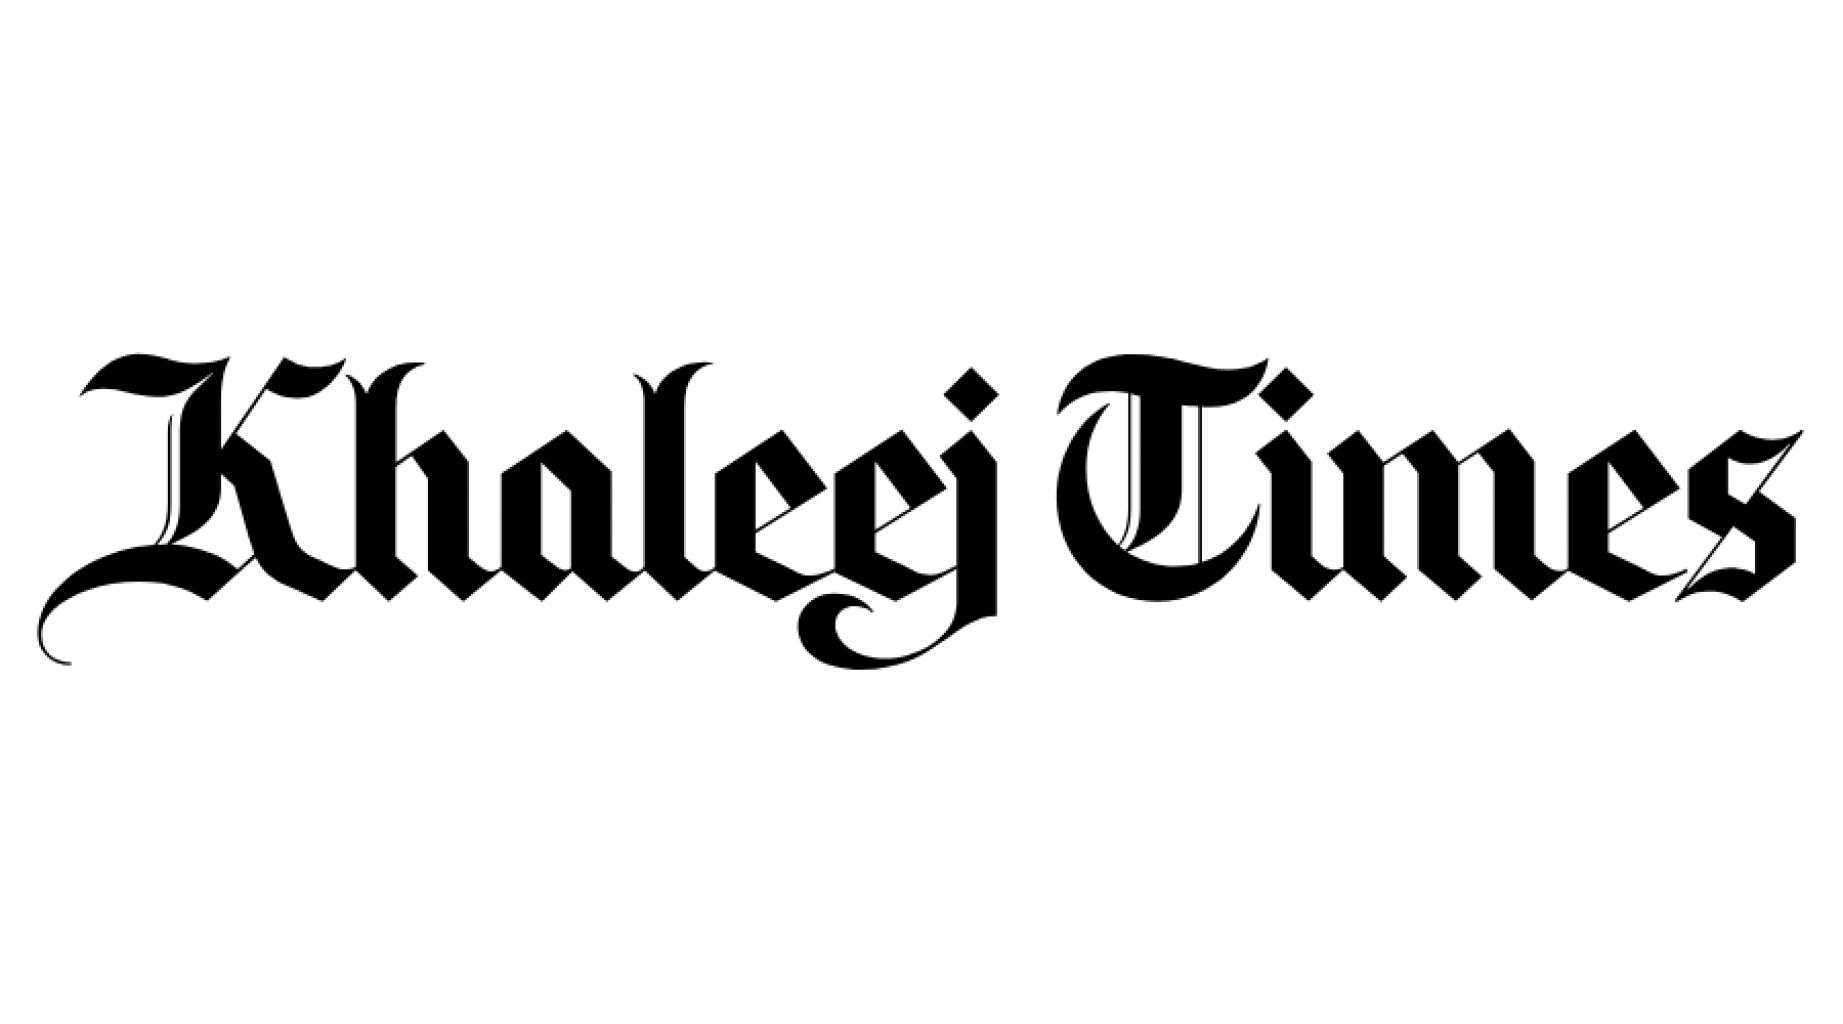 khaleej-times-vector-logo